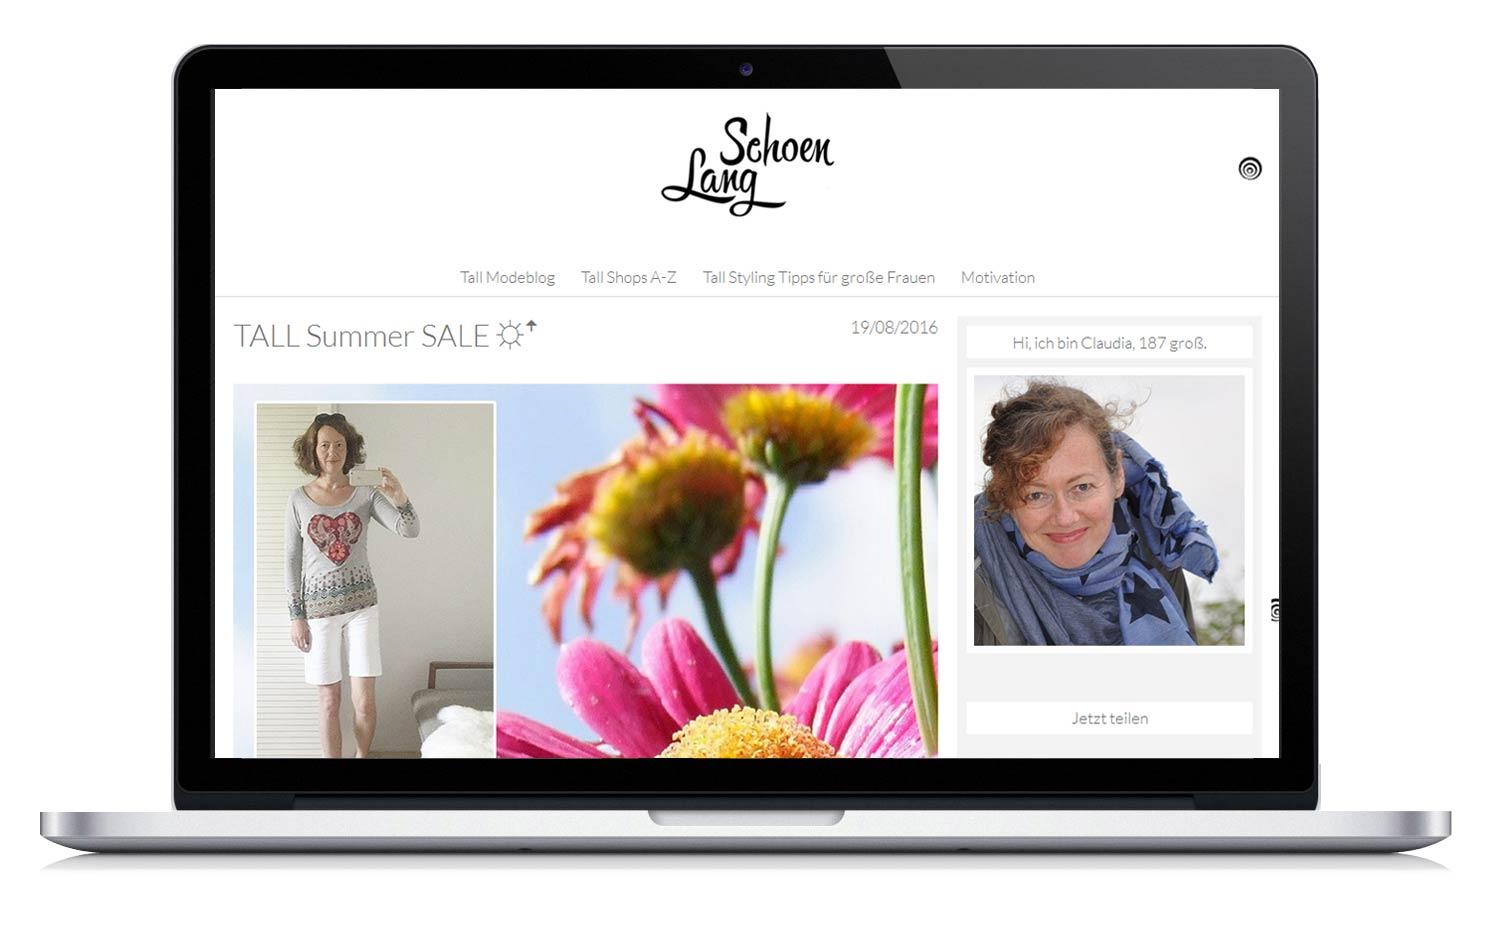 Portfolio Modeblog für große Frauen.